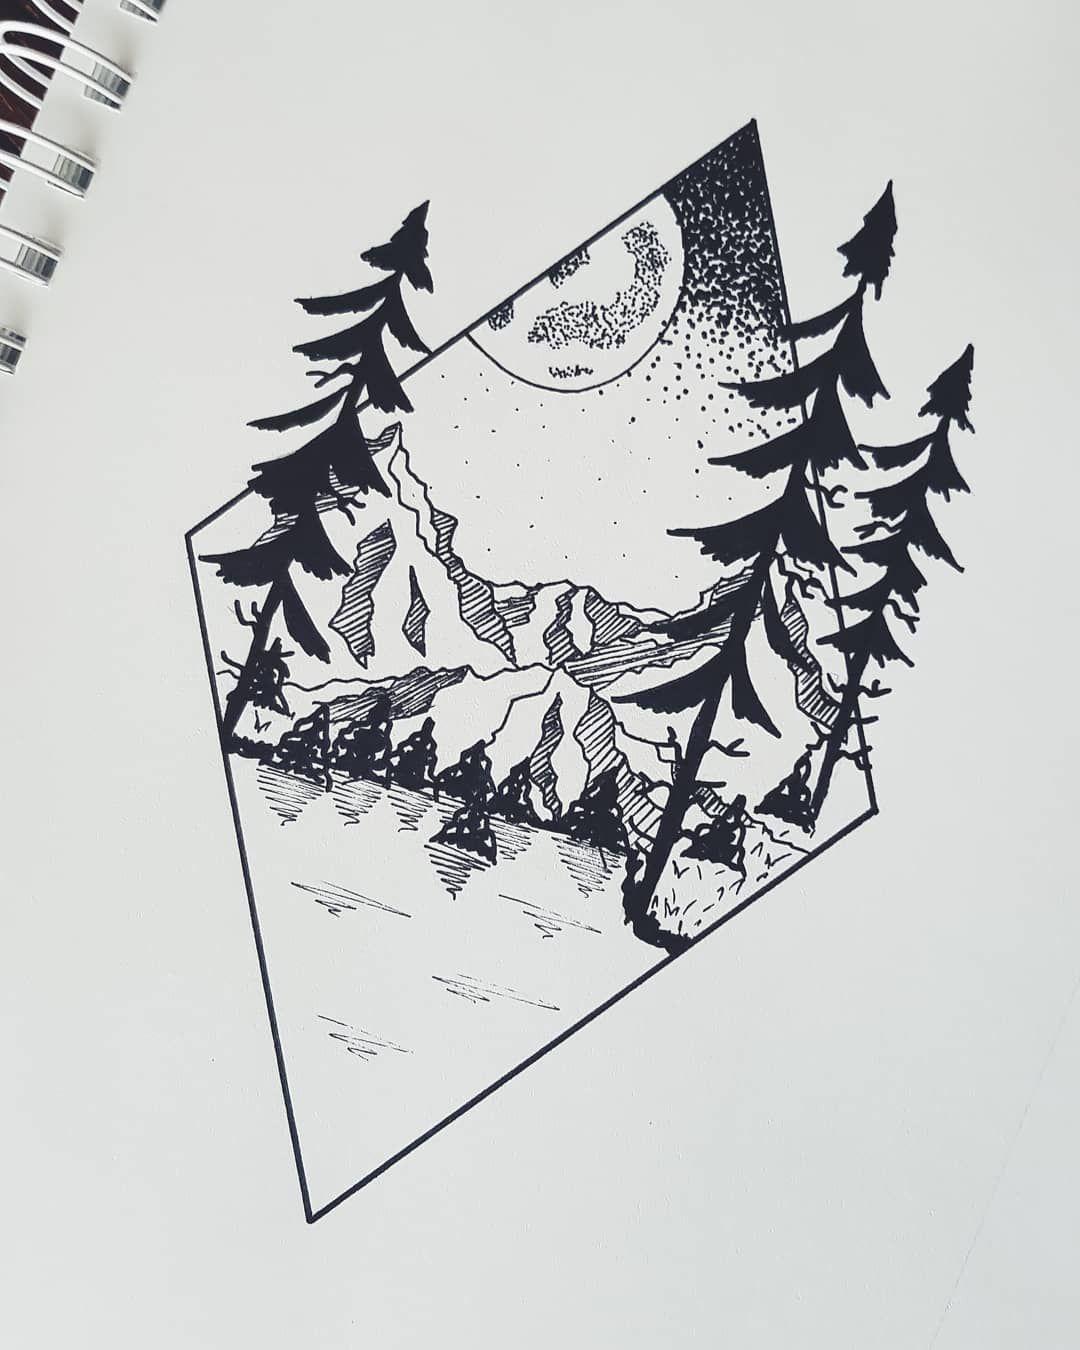 Gory Lasy Jezioro Wszystko Najlepsze W Jednym Artwork Art Forest Tattoo Project Moon Lake Bestofthe Lake Tattoo Mountain Tattoo Tattoo Drawings